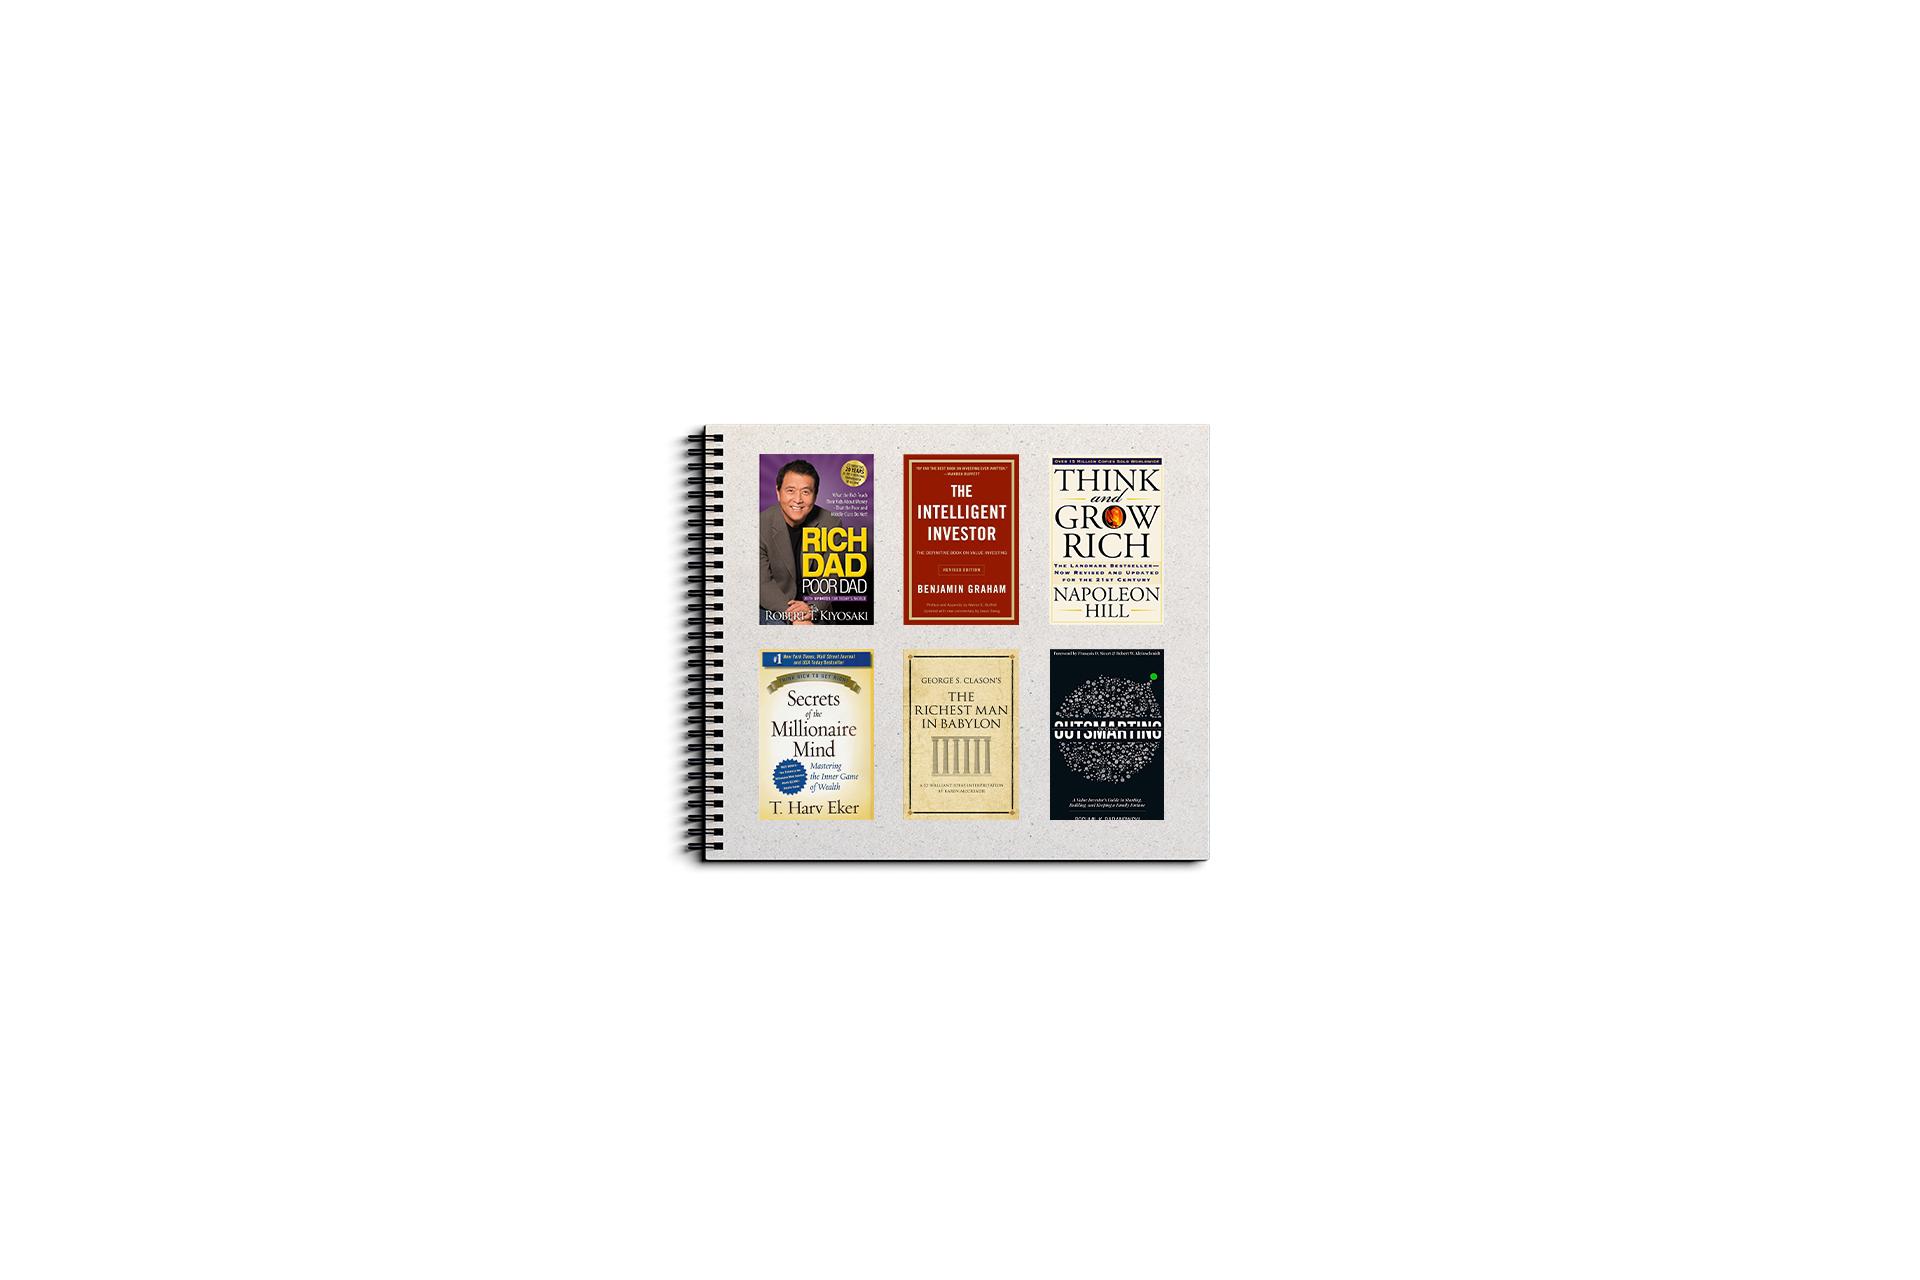 21 کتاب امور مالی شخصی در 20 دقیقه